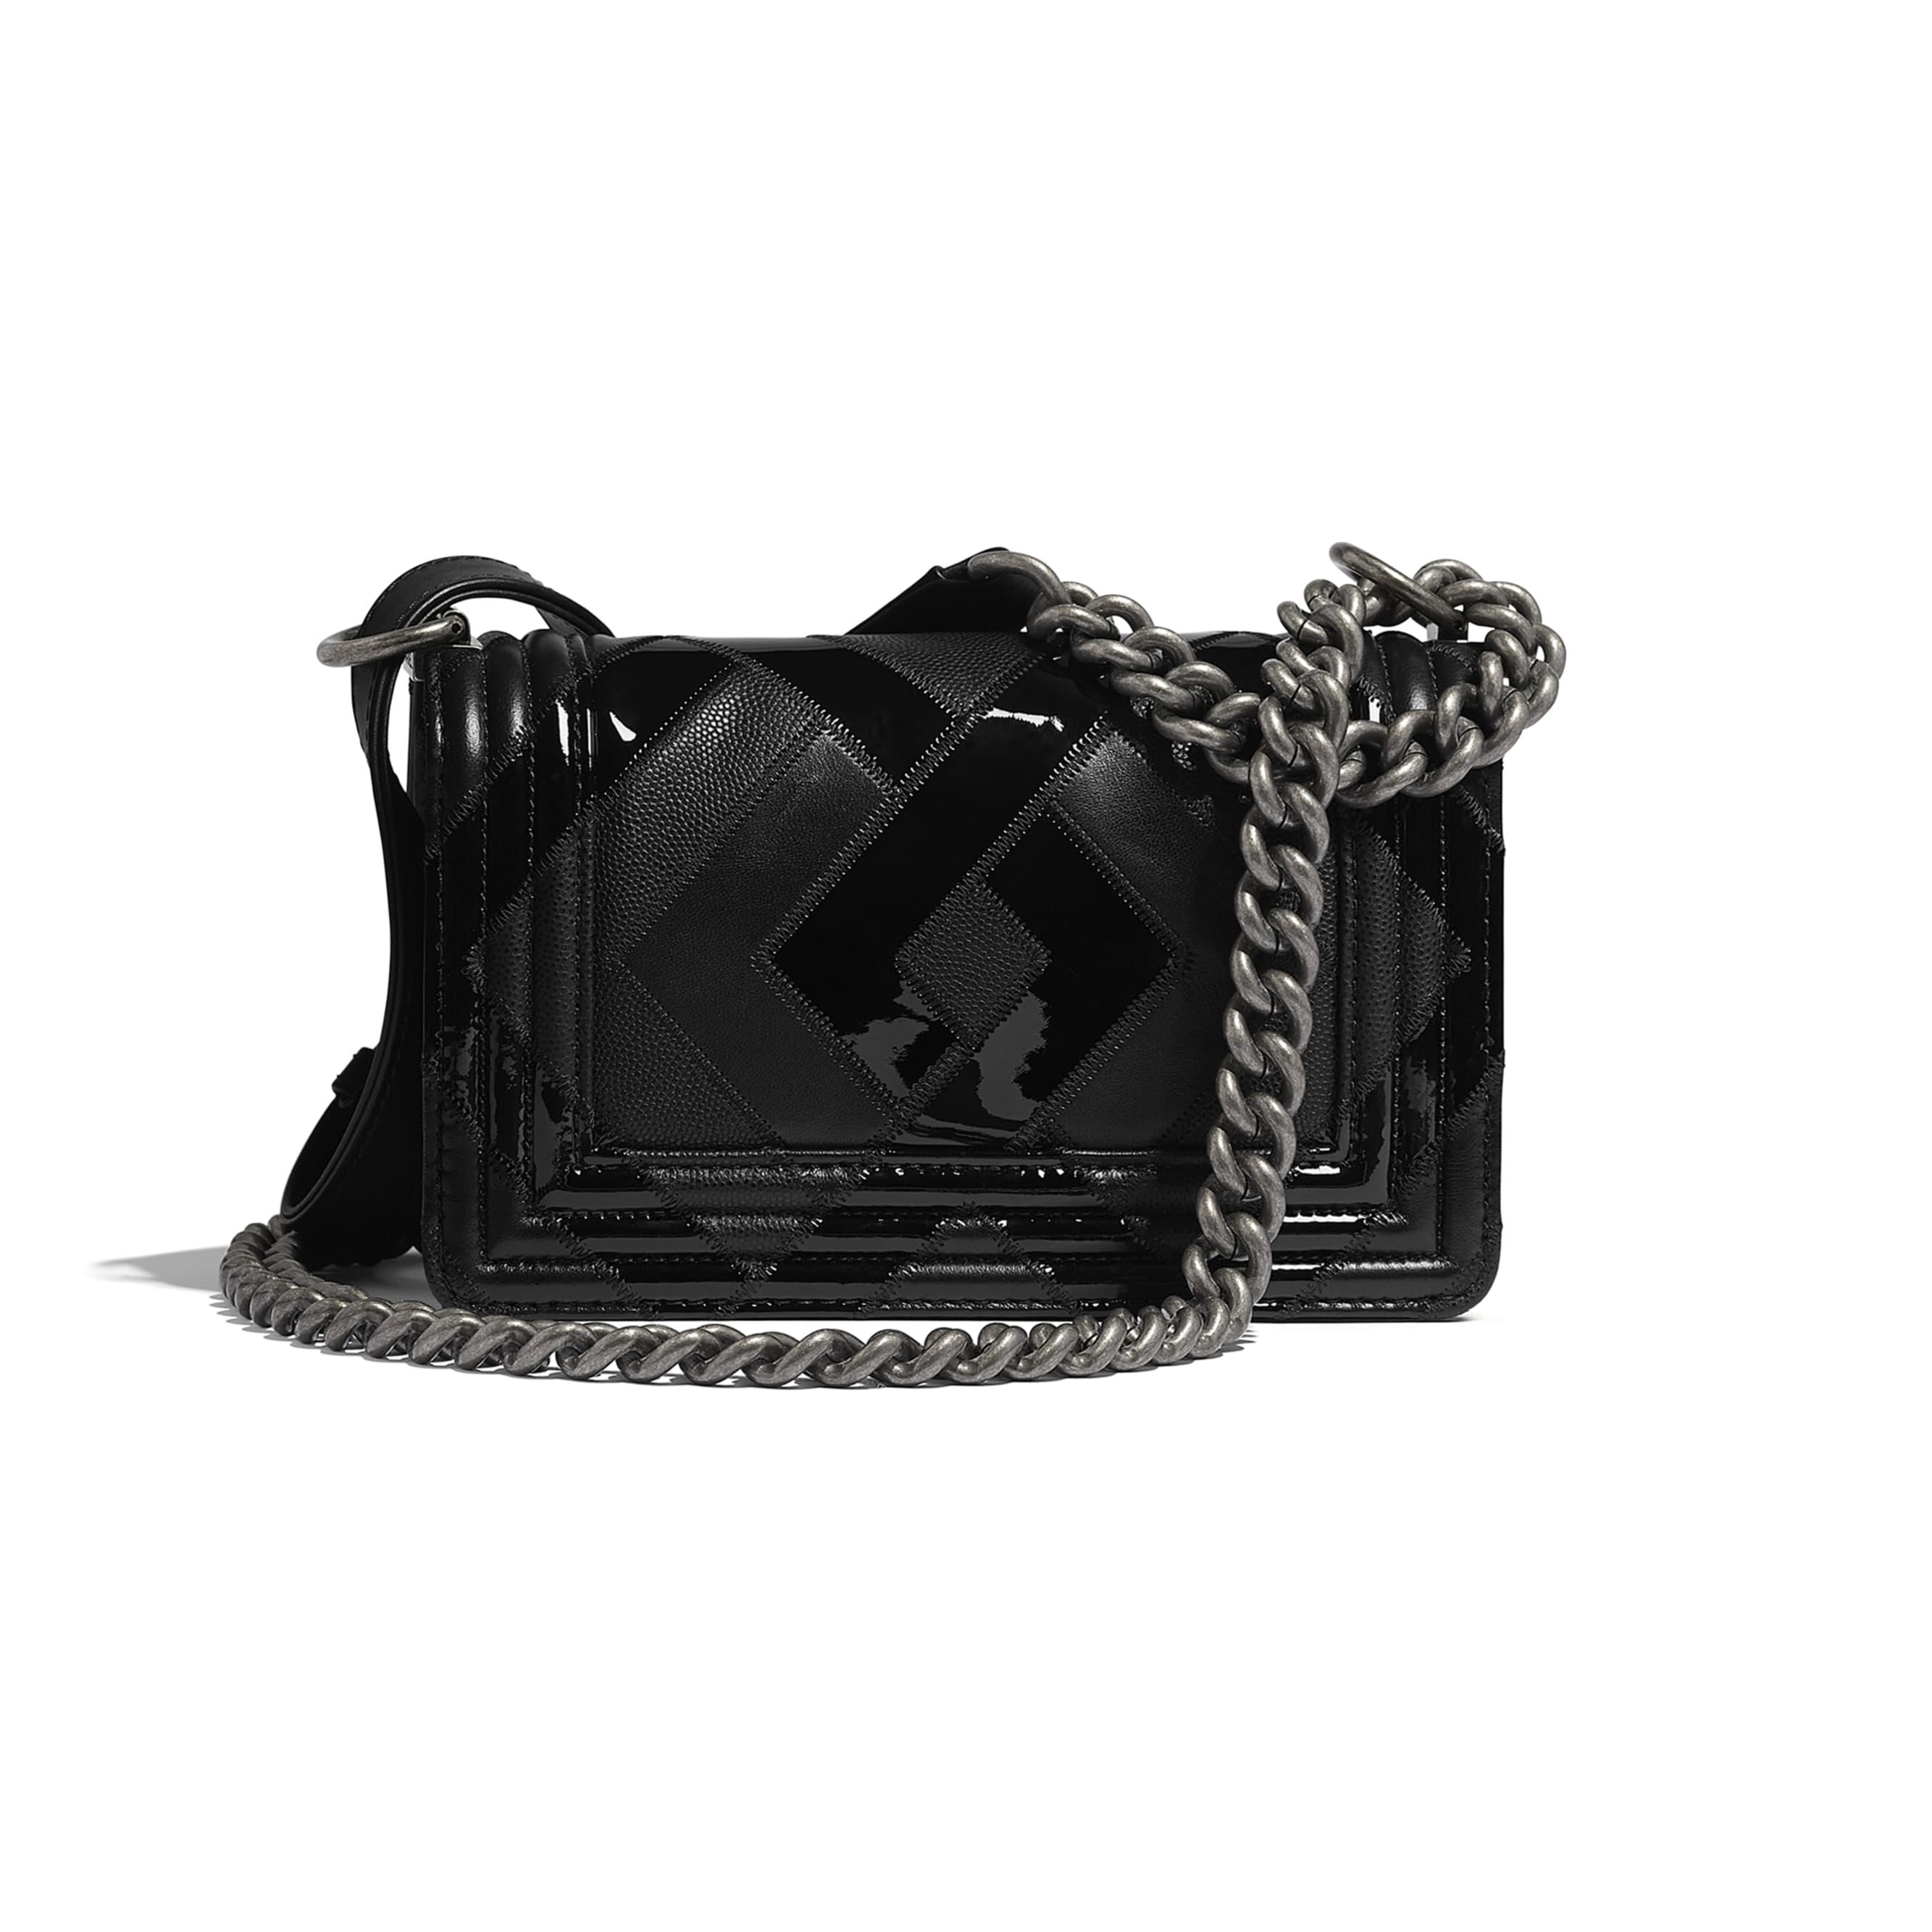 Mała torebka BOY CHANEL - Kolor czarny - Skóra cielęca, patentowa skóra cielęca, skóra cielęca o ziarnistej fakturze i metal z rutenowym wykończeniem      - Widok alternatywny – zobacz w standardowym rozmiarze